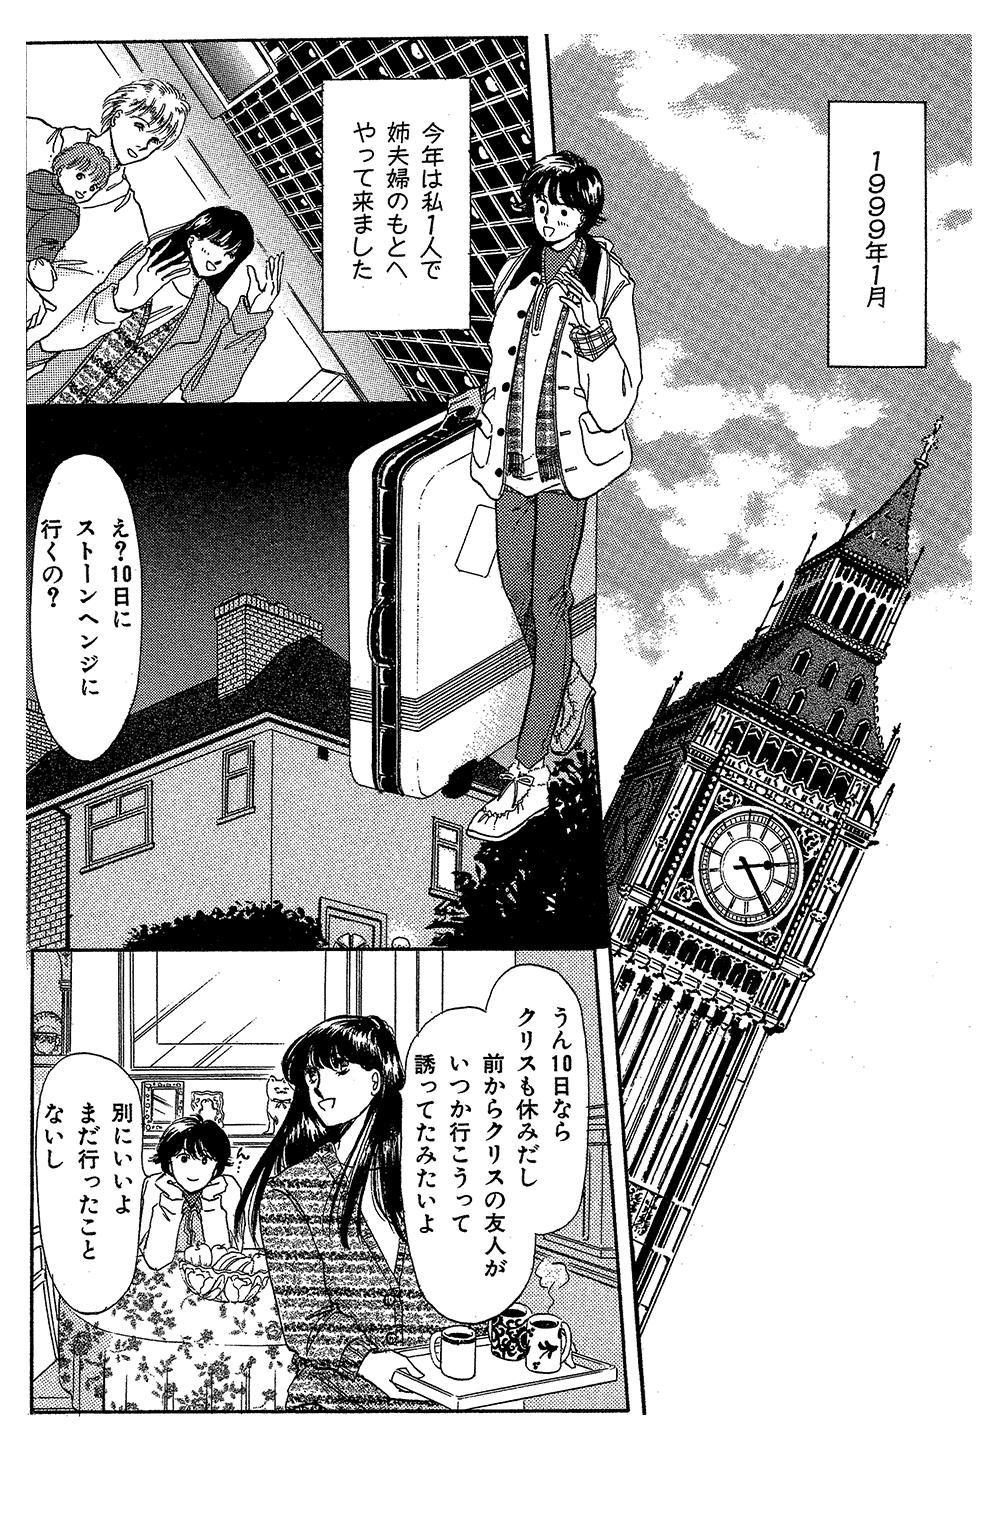 霊感ママシリーズ 第3話「英国ミステリーツアー」②reikanmama-01-83.jpg